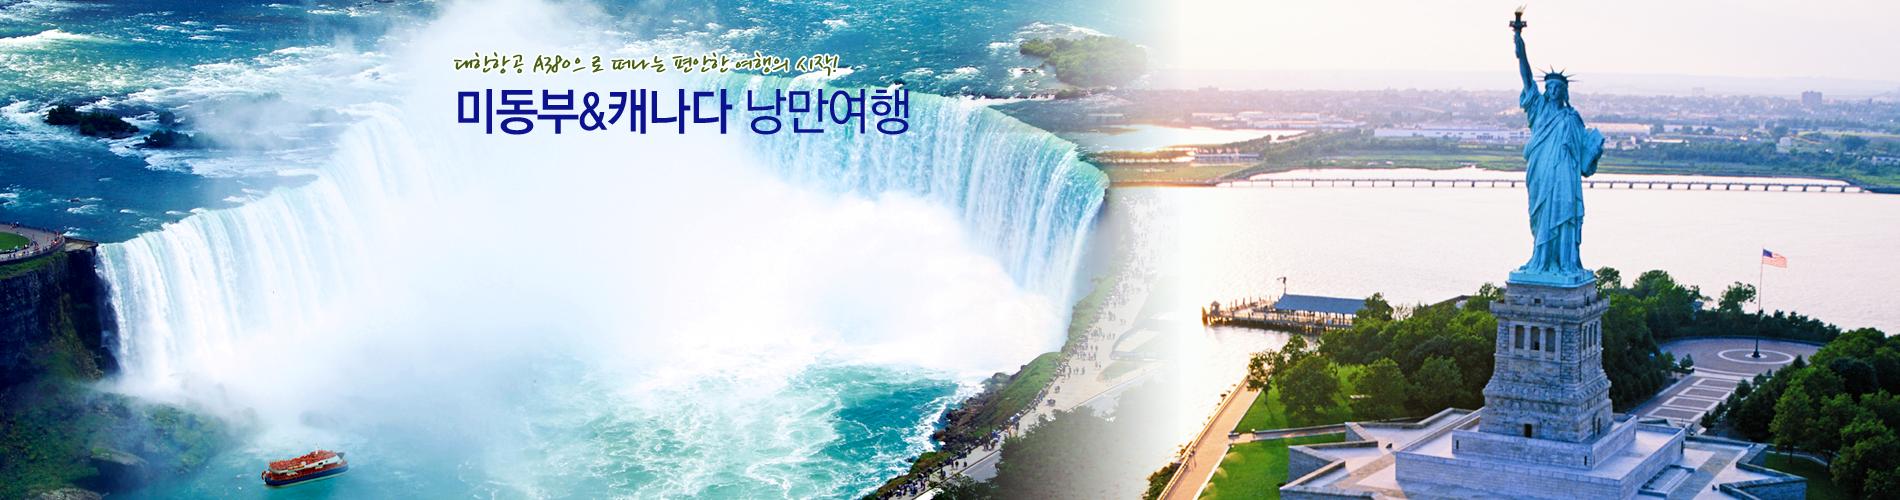 미동부&캐나다 낭만여행